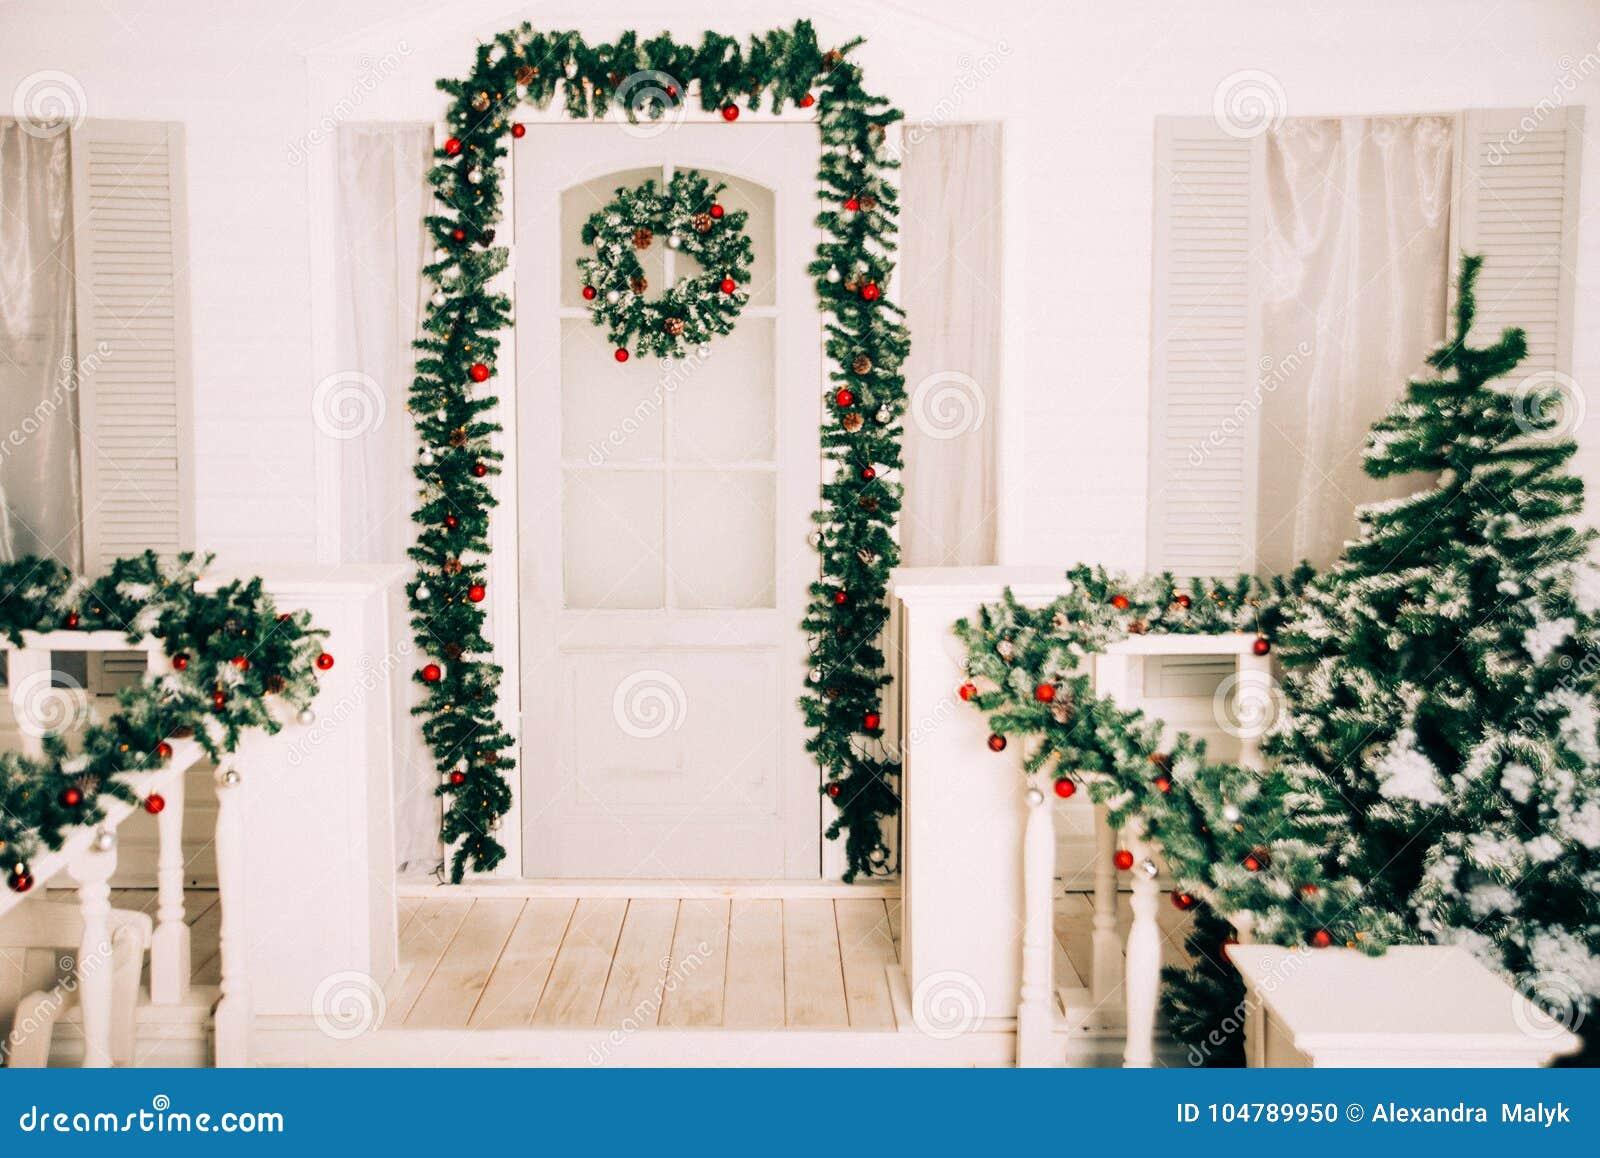 Entrada De La Casa Adornada Por Días De Fiesta Decoración De